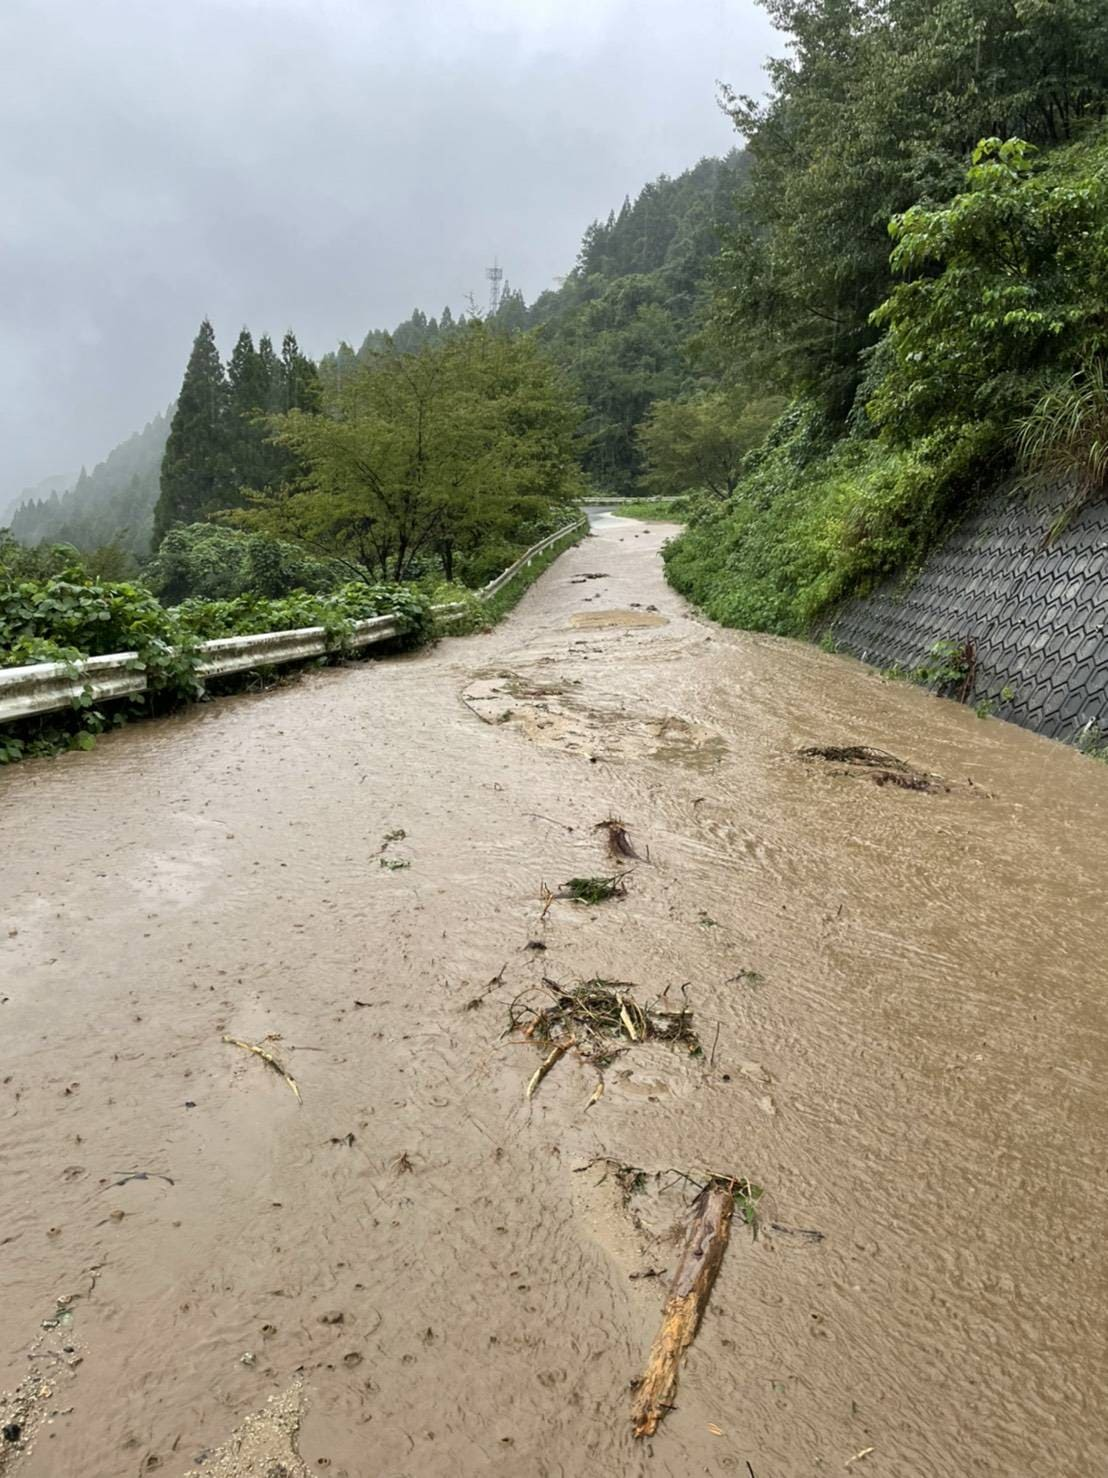 【令和3年8月 豪雨被害支援寄附受付】佐賀県神埼市災害応援寄附金(返礼品はありません)